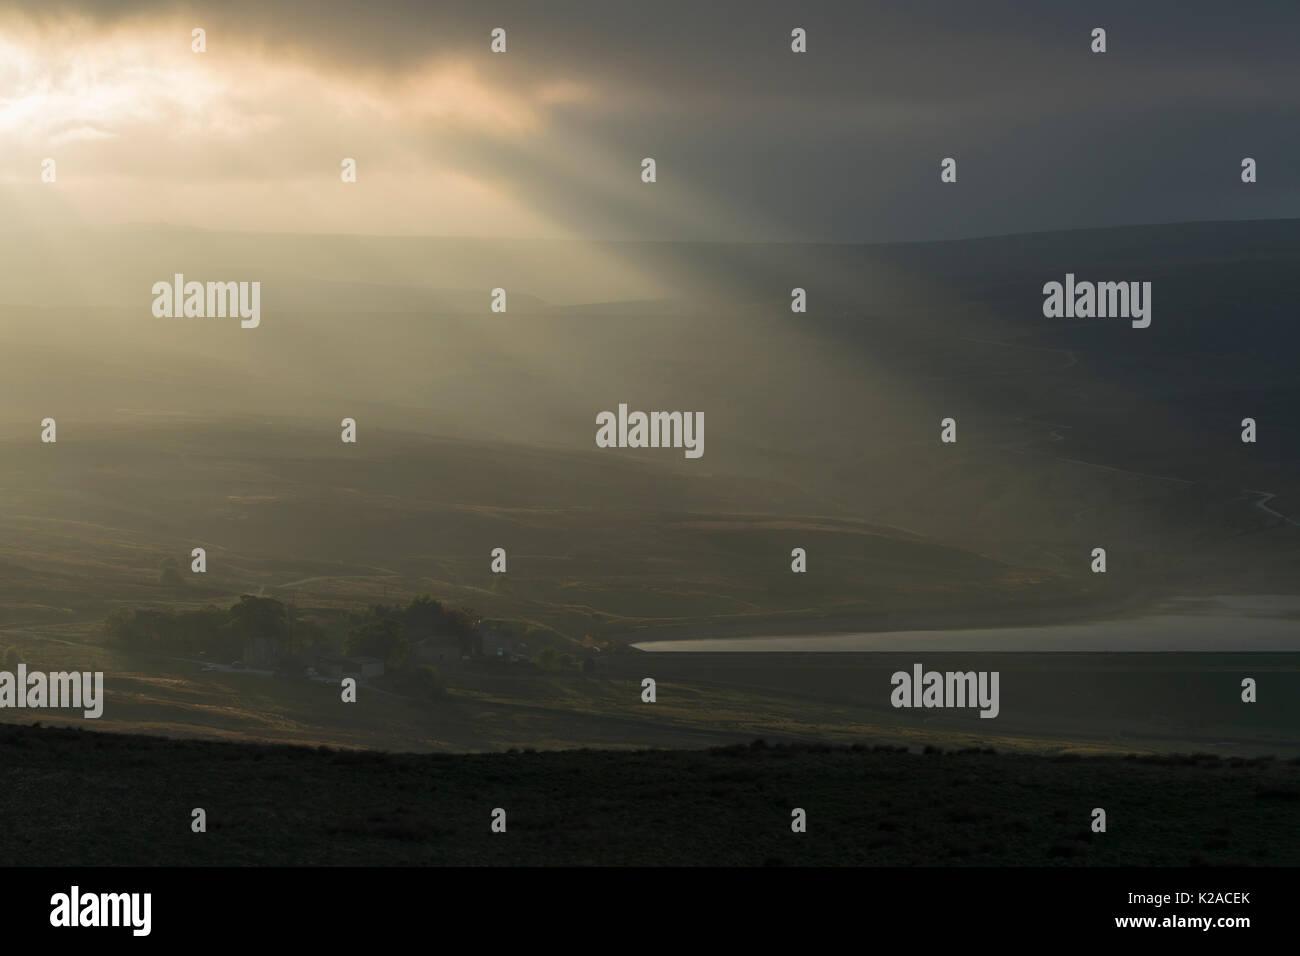 Raggi di luce del sole serale flusso verso il basso fuori di nuvole scure su inferiore serbatoio Barden & scenic campagna di laminazione - Wharfedale, nello Yorkshire, Inghilterra, Regno Unito. Immagini Stock